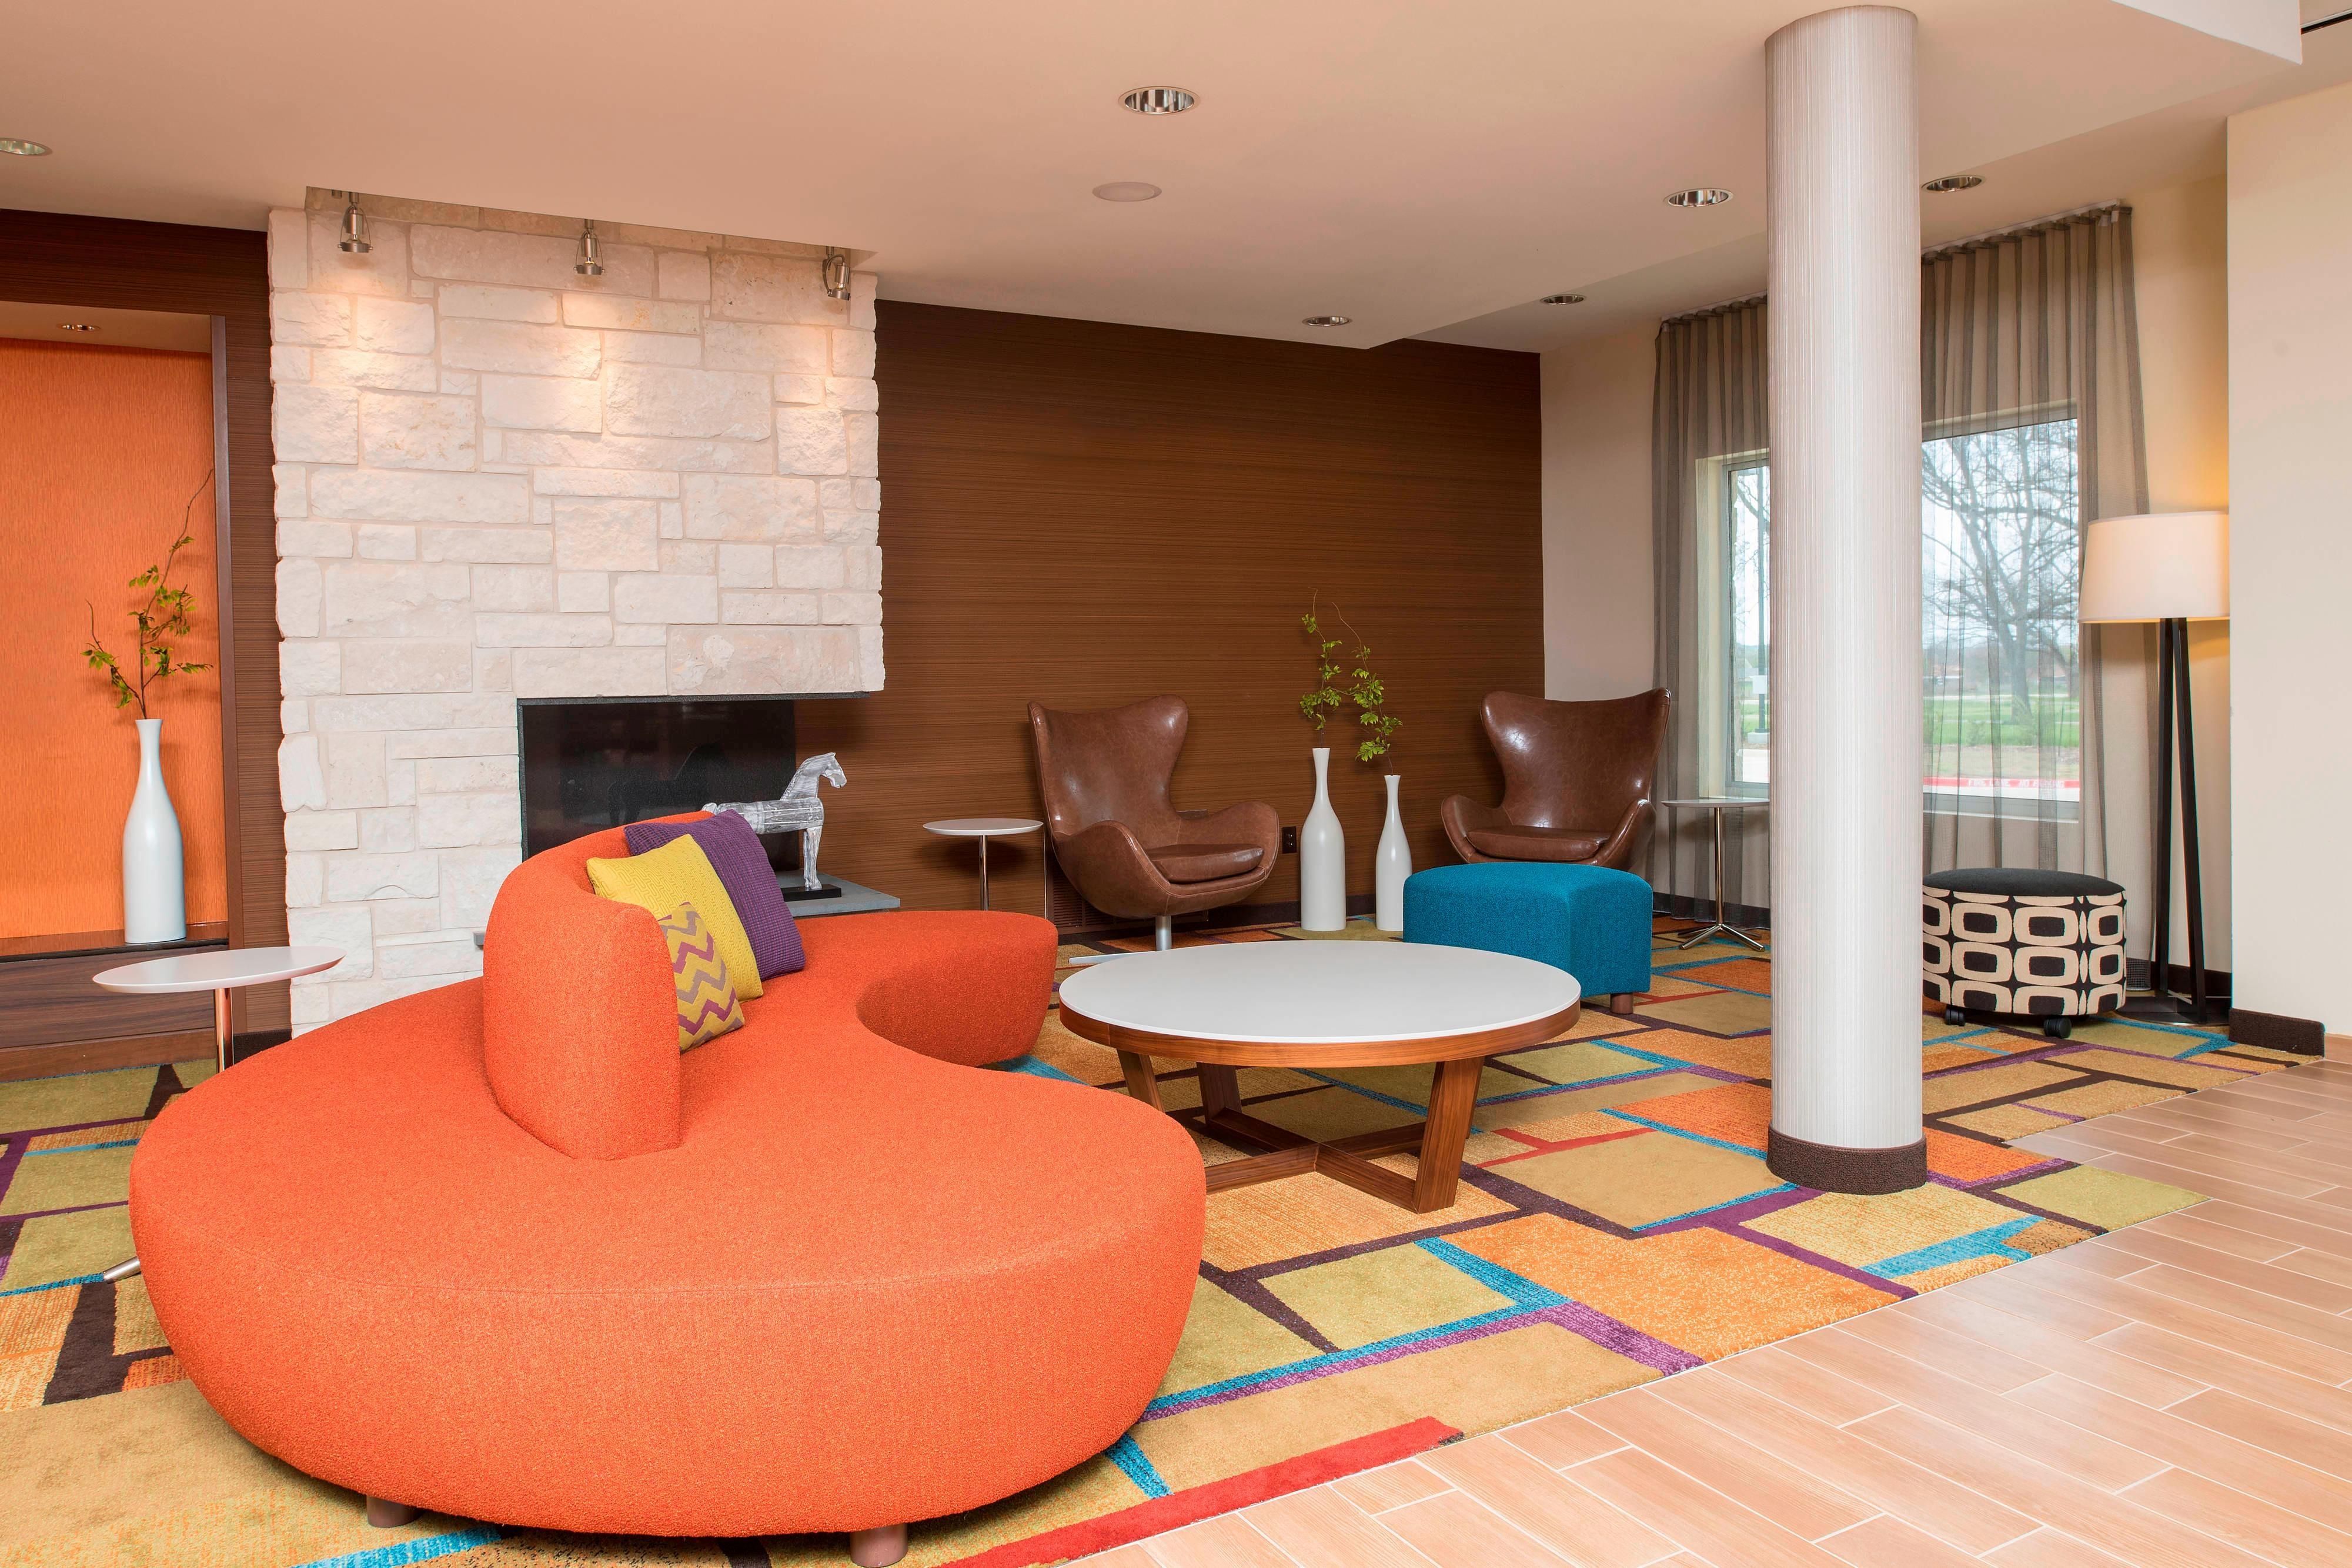 Fairfield Inn & Suites Fredericksburg Lobby